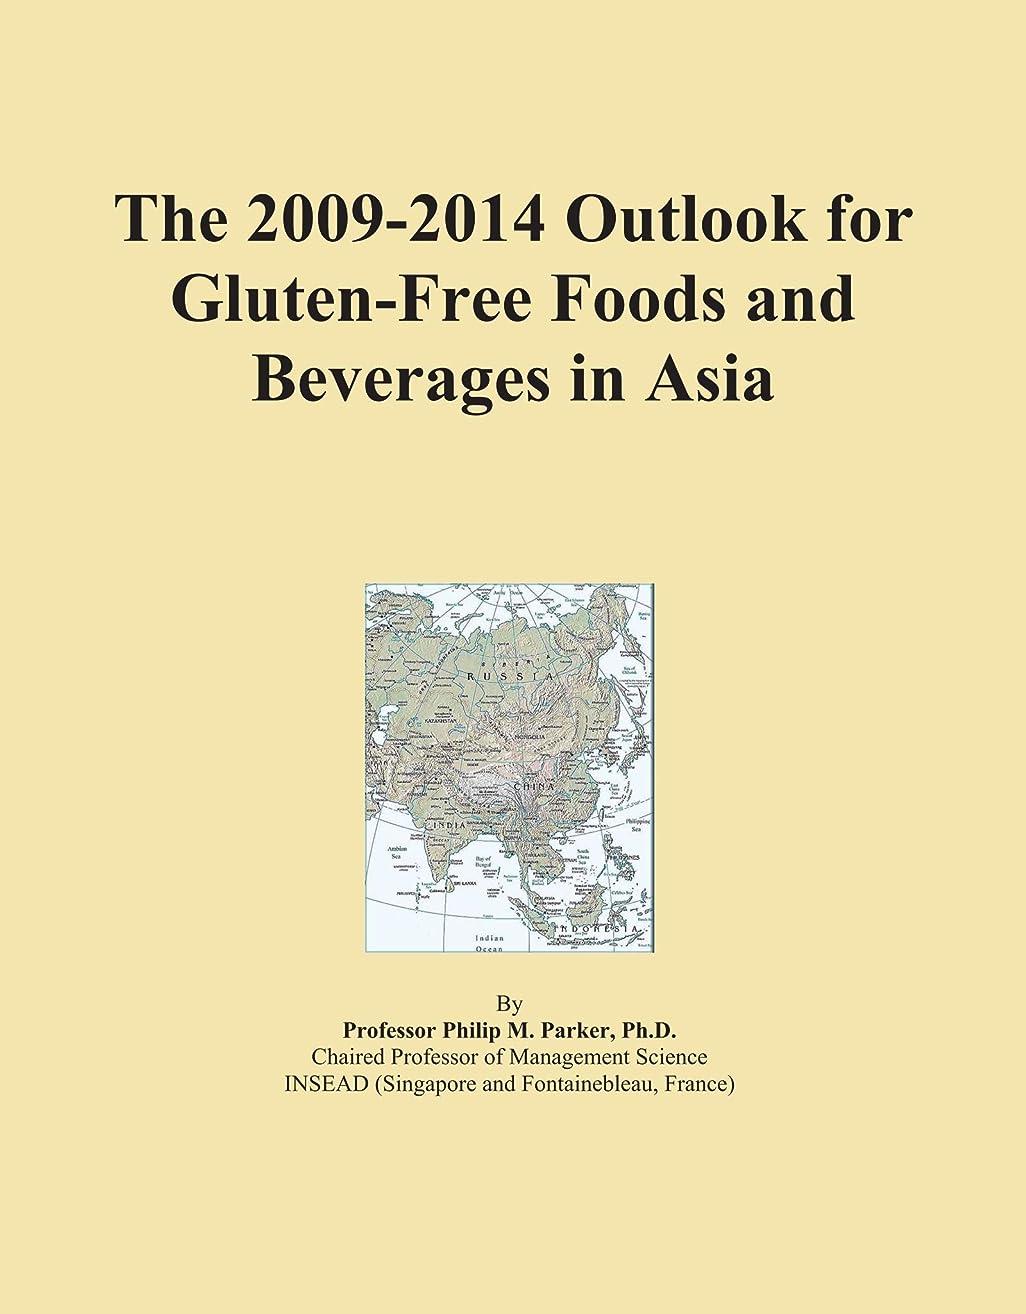 湿気の多い準拠十分The 2009-2014 Outlook for Gluten-Free Foods and Beverages in Asia